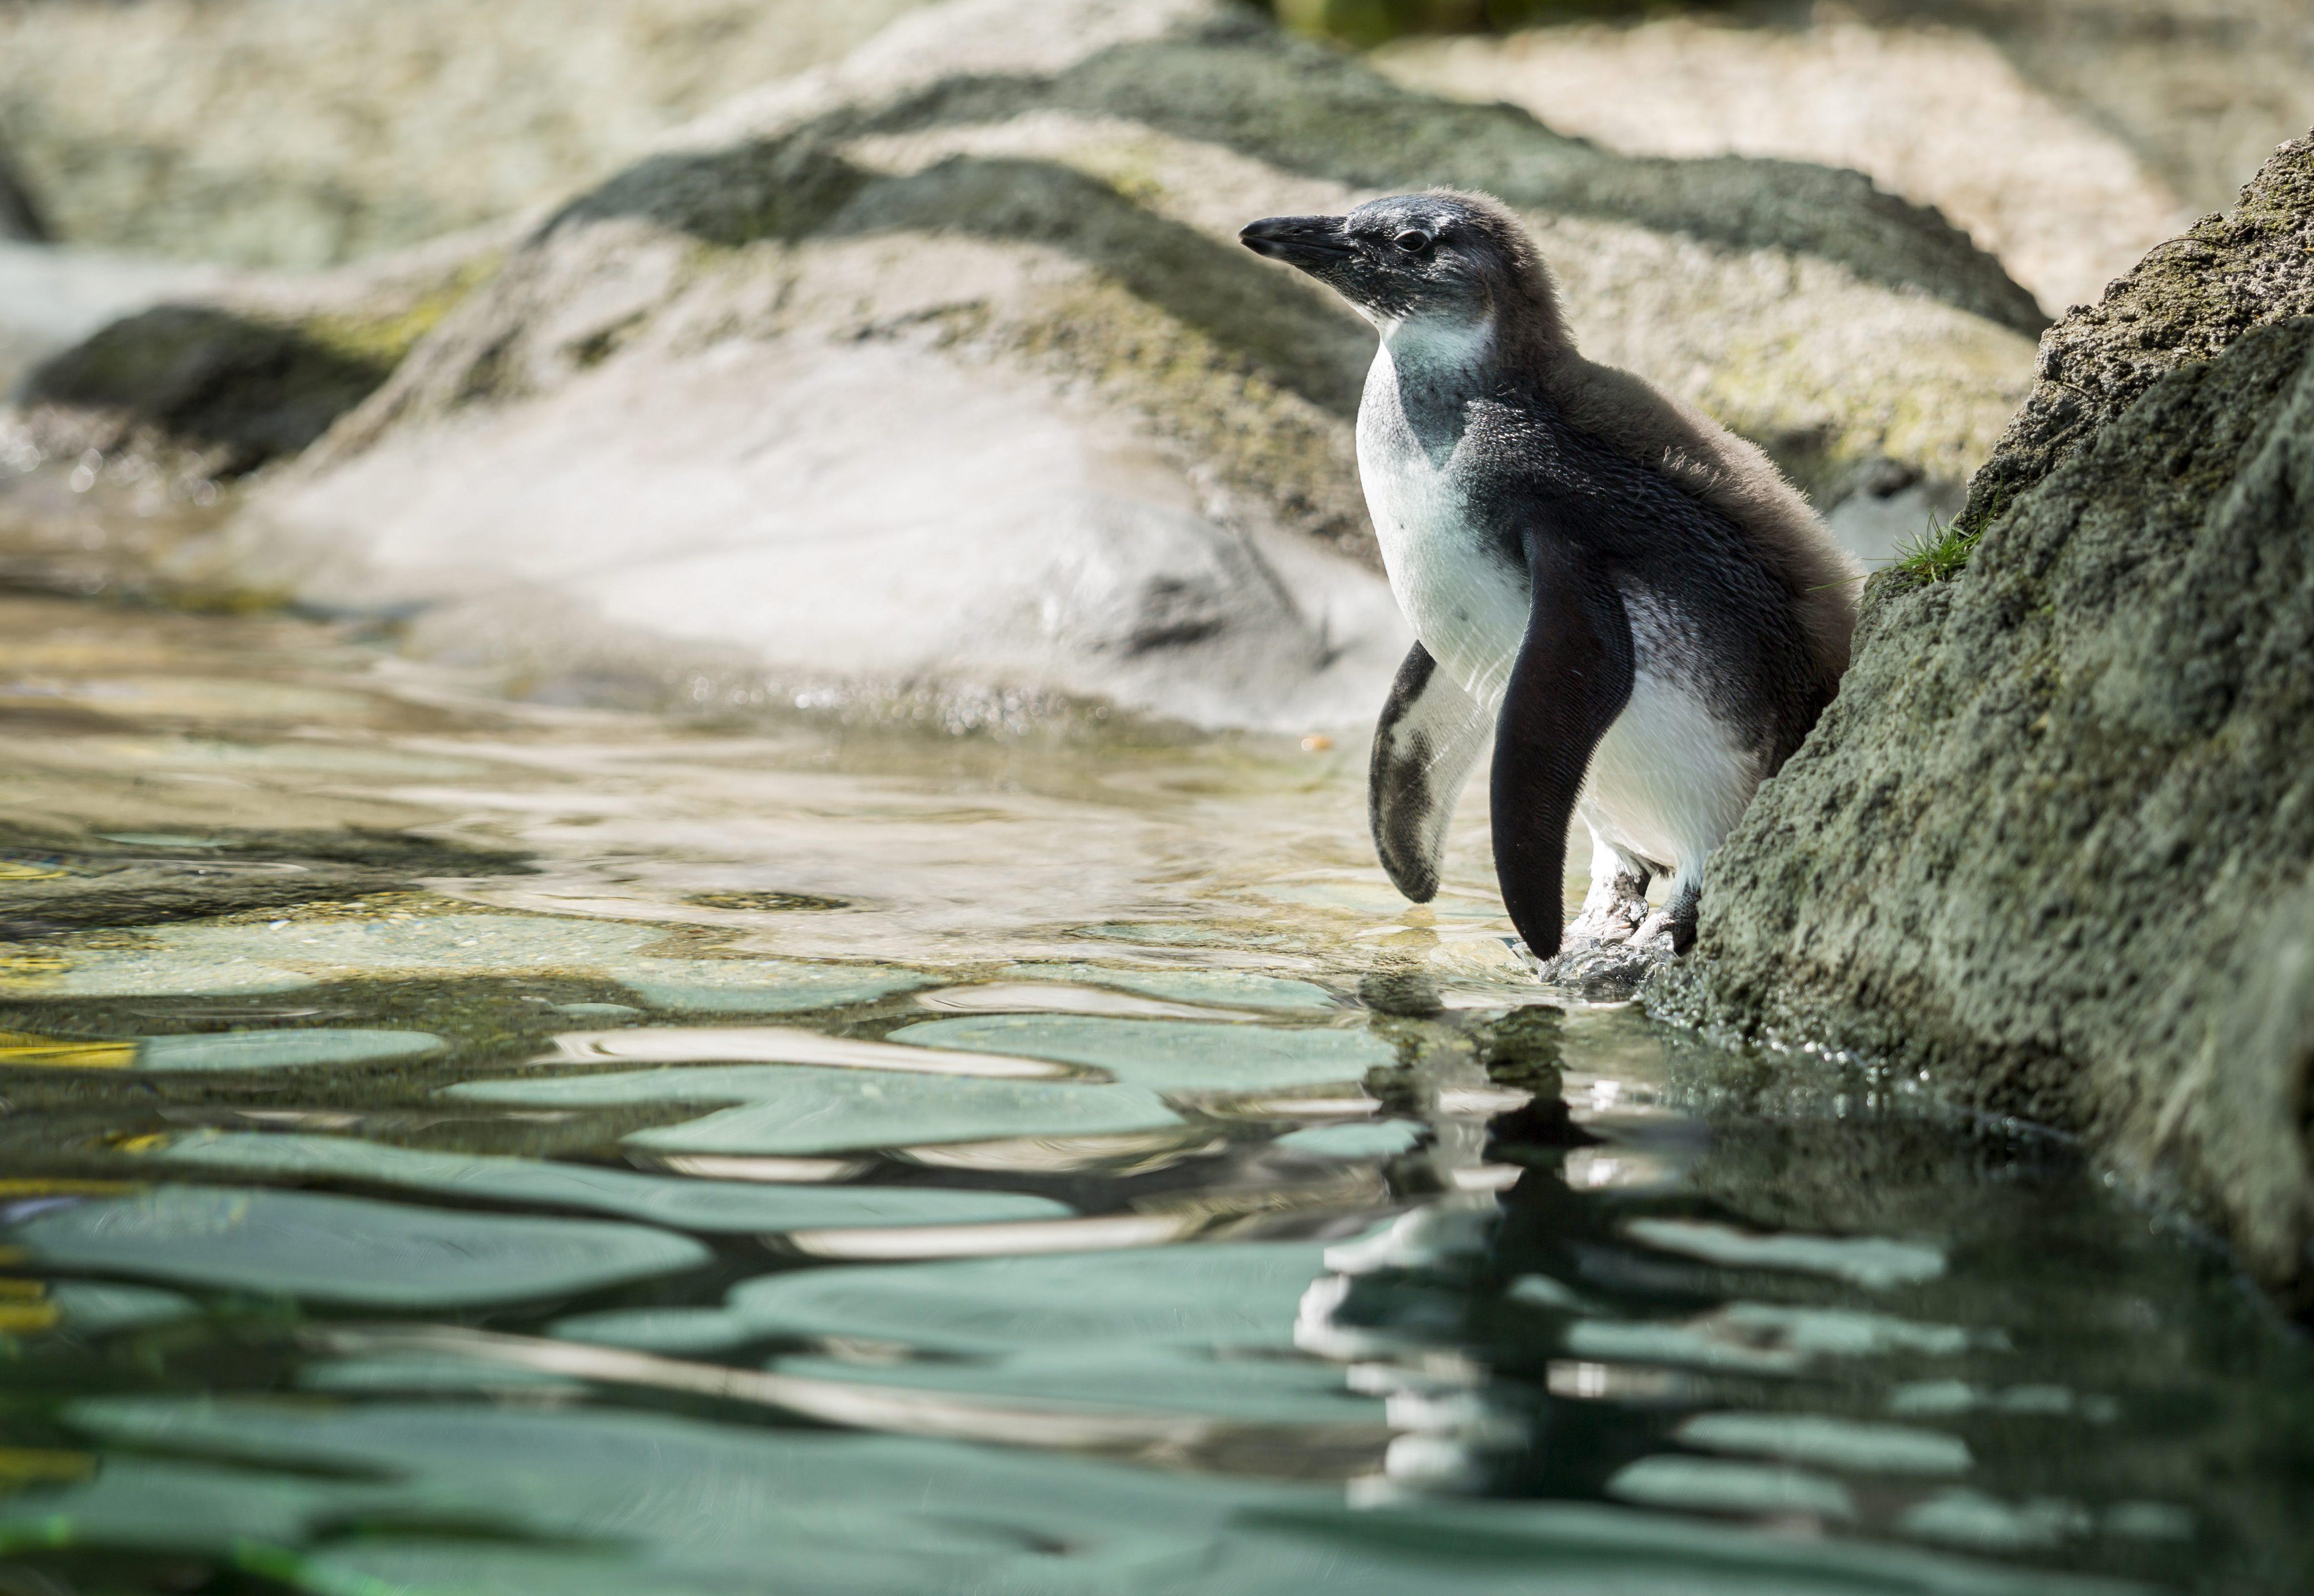 Budapest, 2016. április 3. Skippy, a pingvinfióka bemutatkozóján a Fõvárosi Állat- és Növénykertben 2016. április 3-án. A fiókát január 6-i kikelése után egy darabig saját szülei nevelték, majd az utónevelési fázisban az állatgondozók gondoskodtak róla egy elkülönített pingvinnevelõ helyen. MTI Fotó: Mohai Balázs